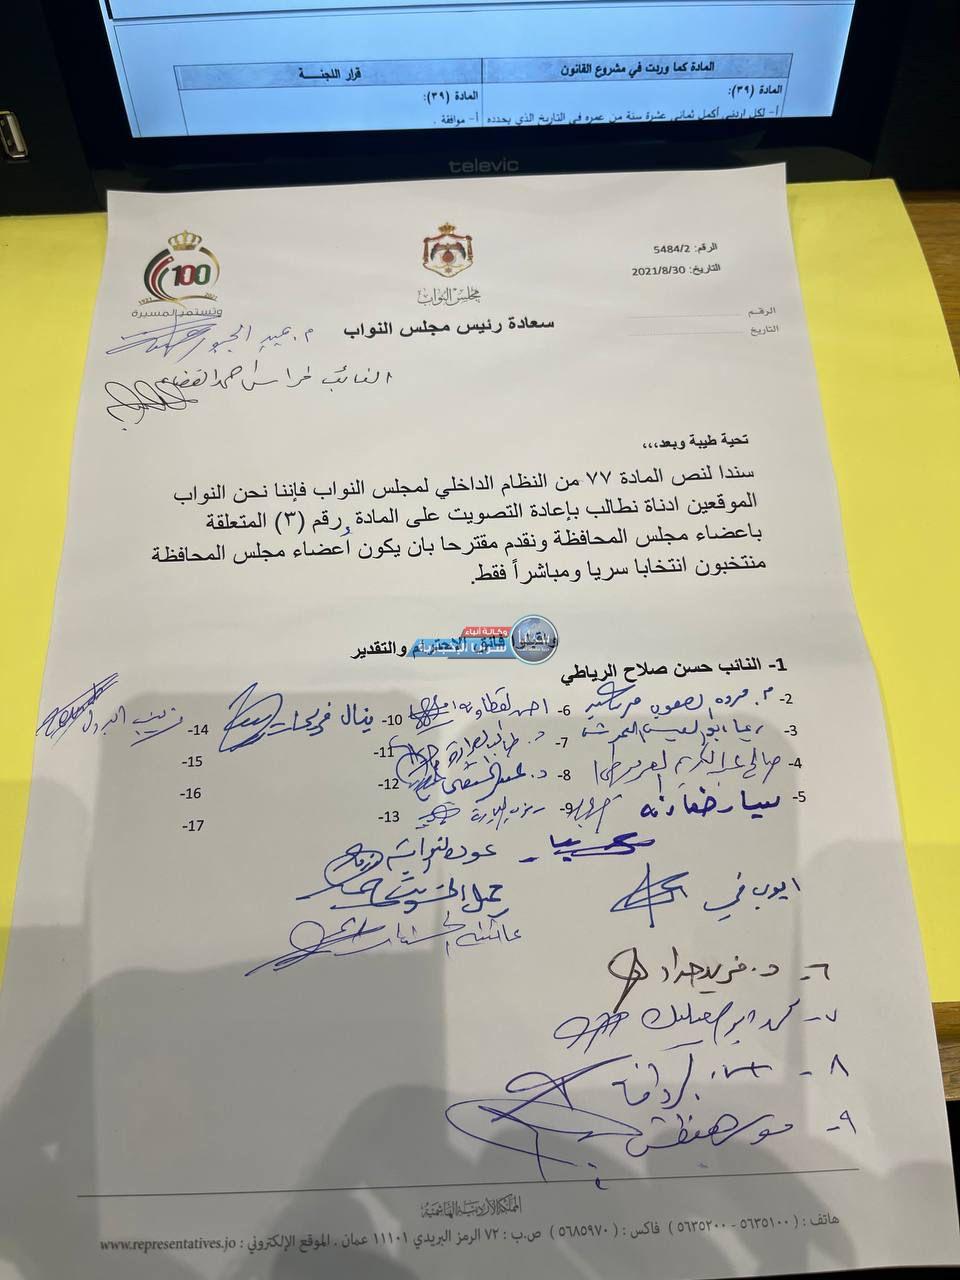 نواب يطالبون باعادة التصويت على المادة  رقم (3) المتعلقة بأعظاء مجلس المحافظة  ..  وثيقة